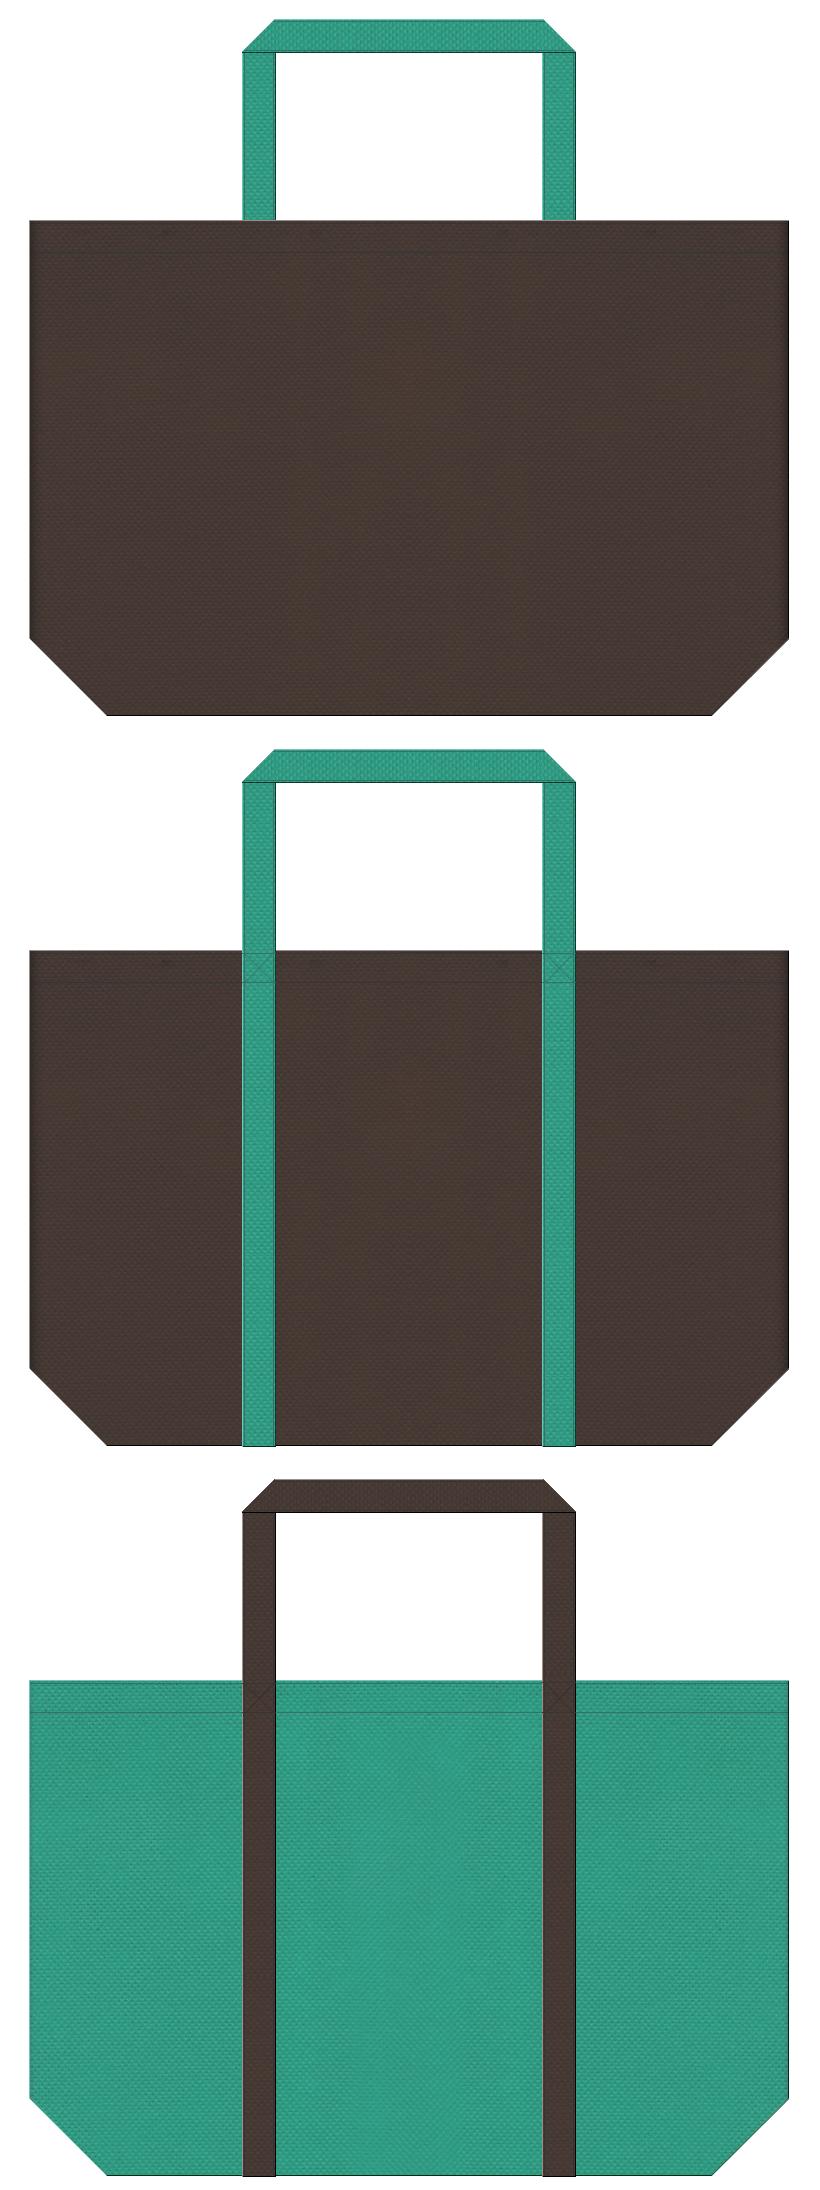 壁面緑化・屋上緑化・環境イベント・緑化推進・アロマ・ハーブ・種苗・肥料・農業イベント・園芸用品・フラワーショップのショッピングバッグにお奨めの不織布バッグデザイン:こげ茶色と青緑色のコーデ